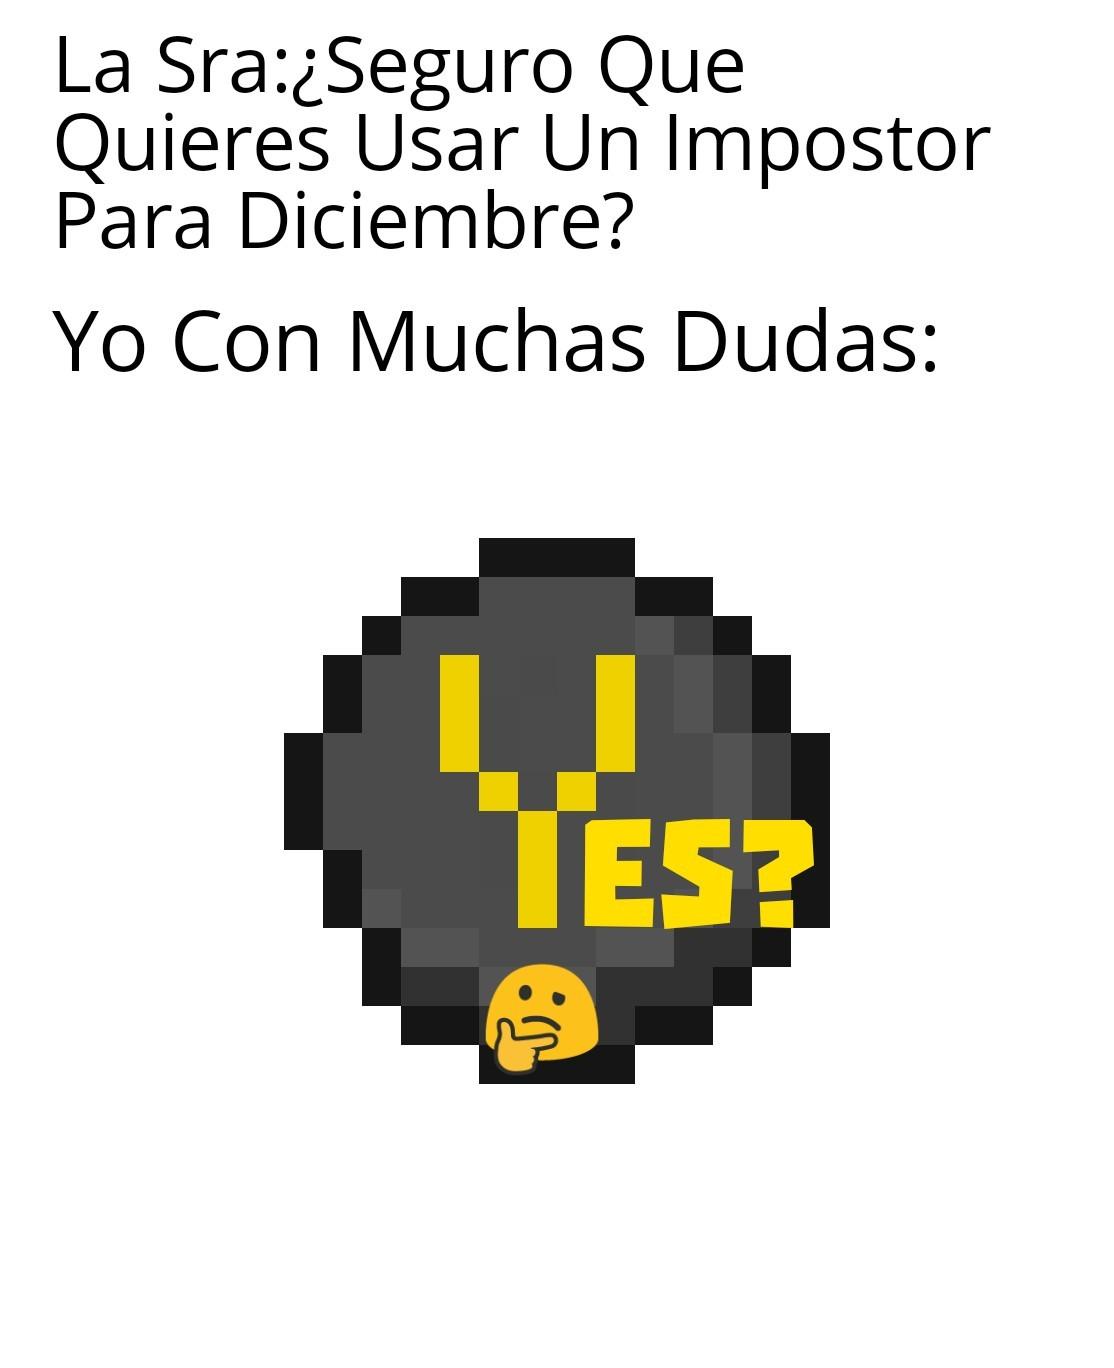 Meme: Yes?